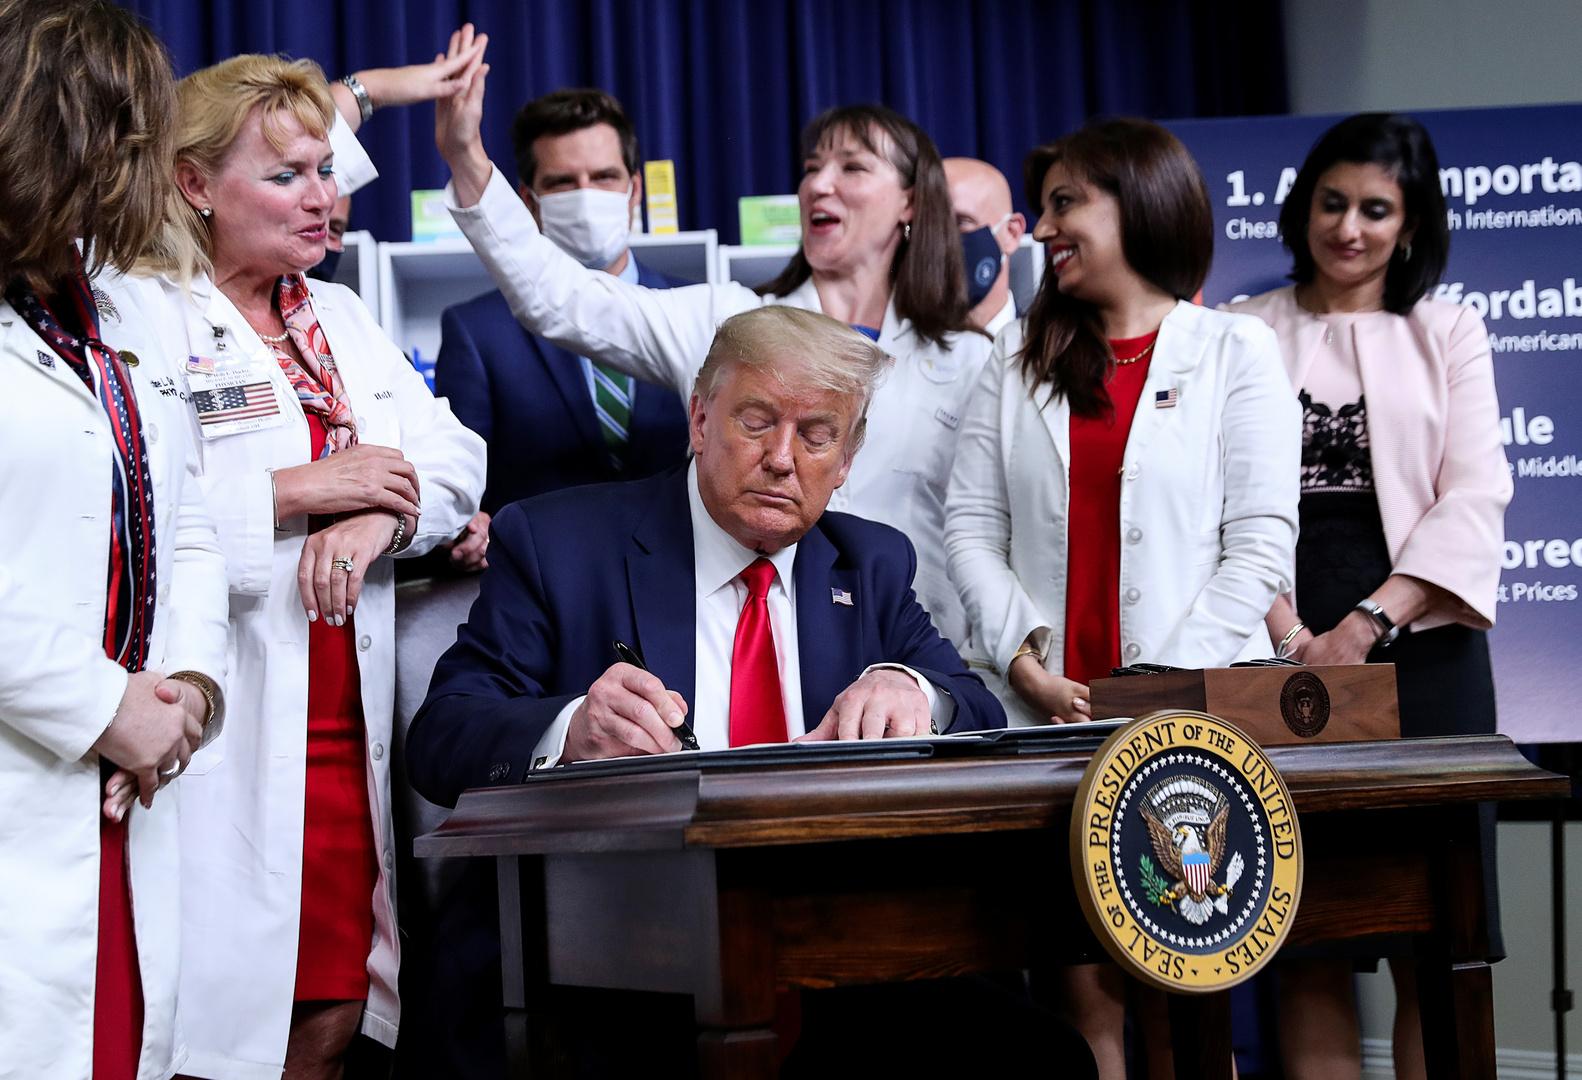 ترامب يوقع أربعة أوامر تنفيذية لخفض أسعار الأدوية في الولايات المتحدة